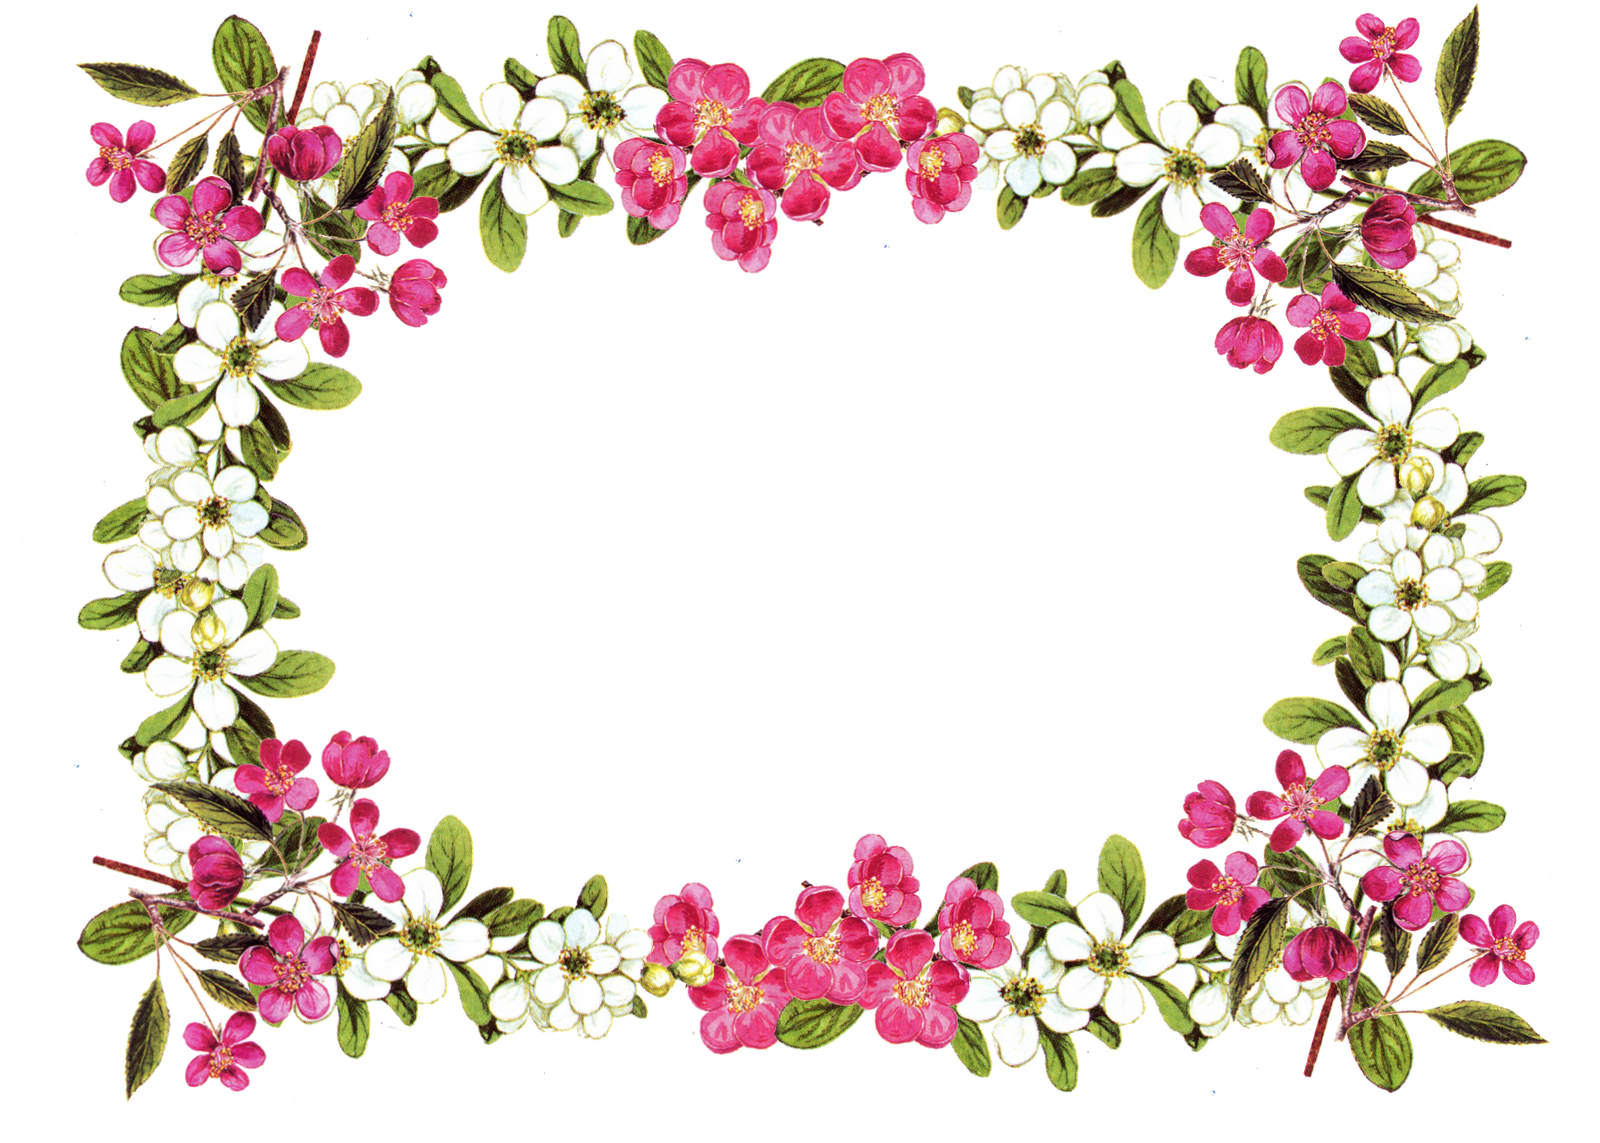 free digital flower frame png in vintage design.